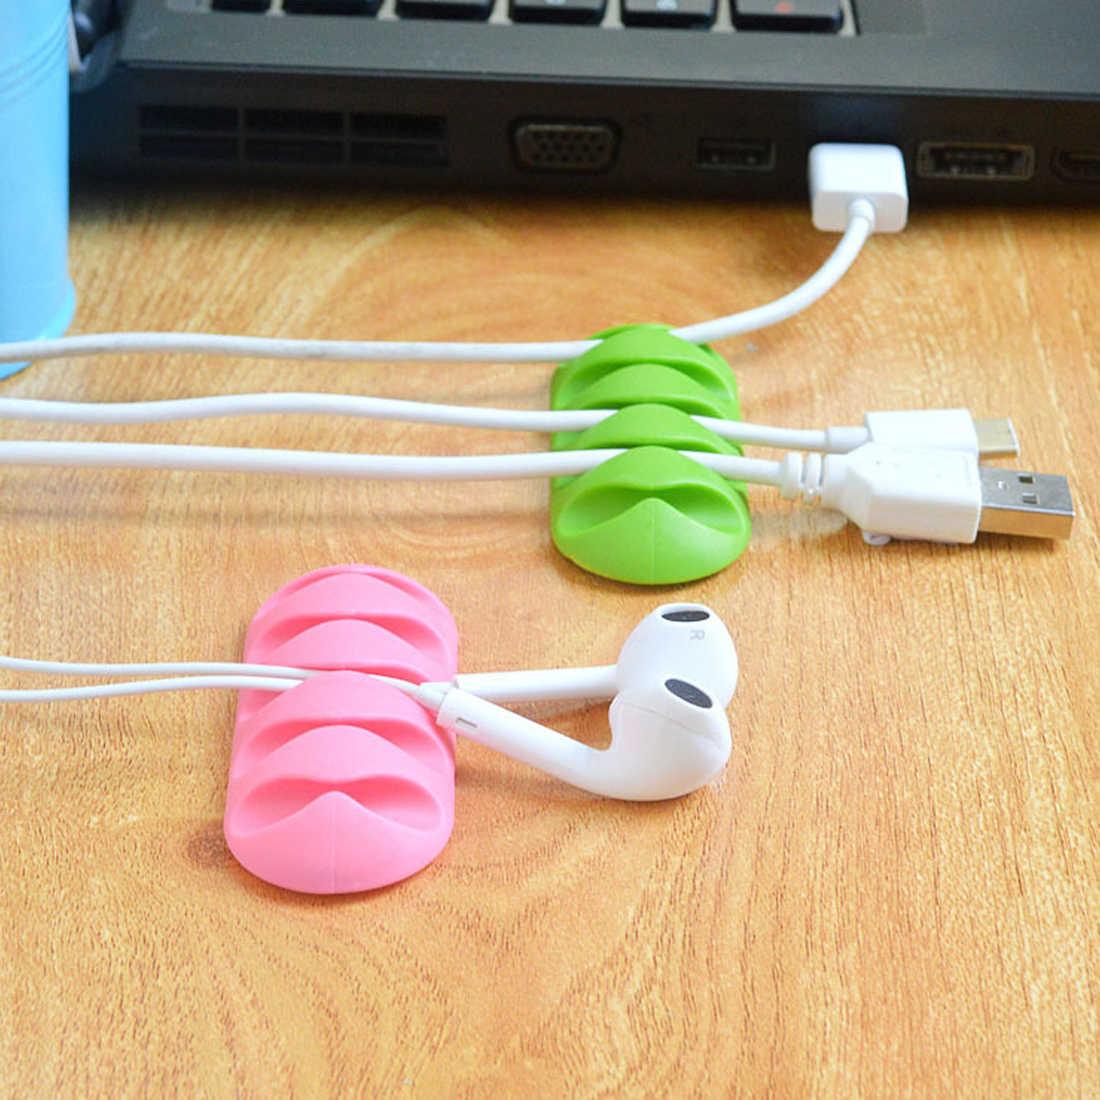 Zacisk do kabli oplot na kable organizator do kabla od słuchawek do przechowywania drutu krzemu ładowarka klipsy do kabli dla MP3 MP4 słuchawki